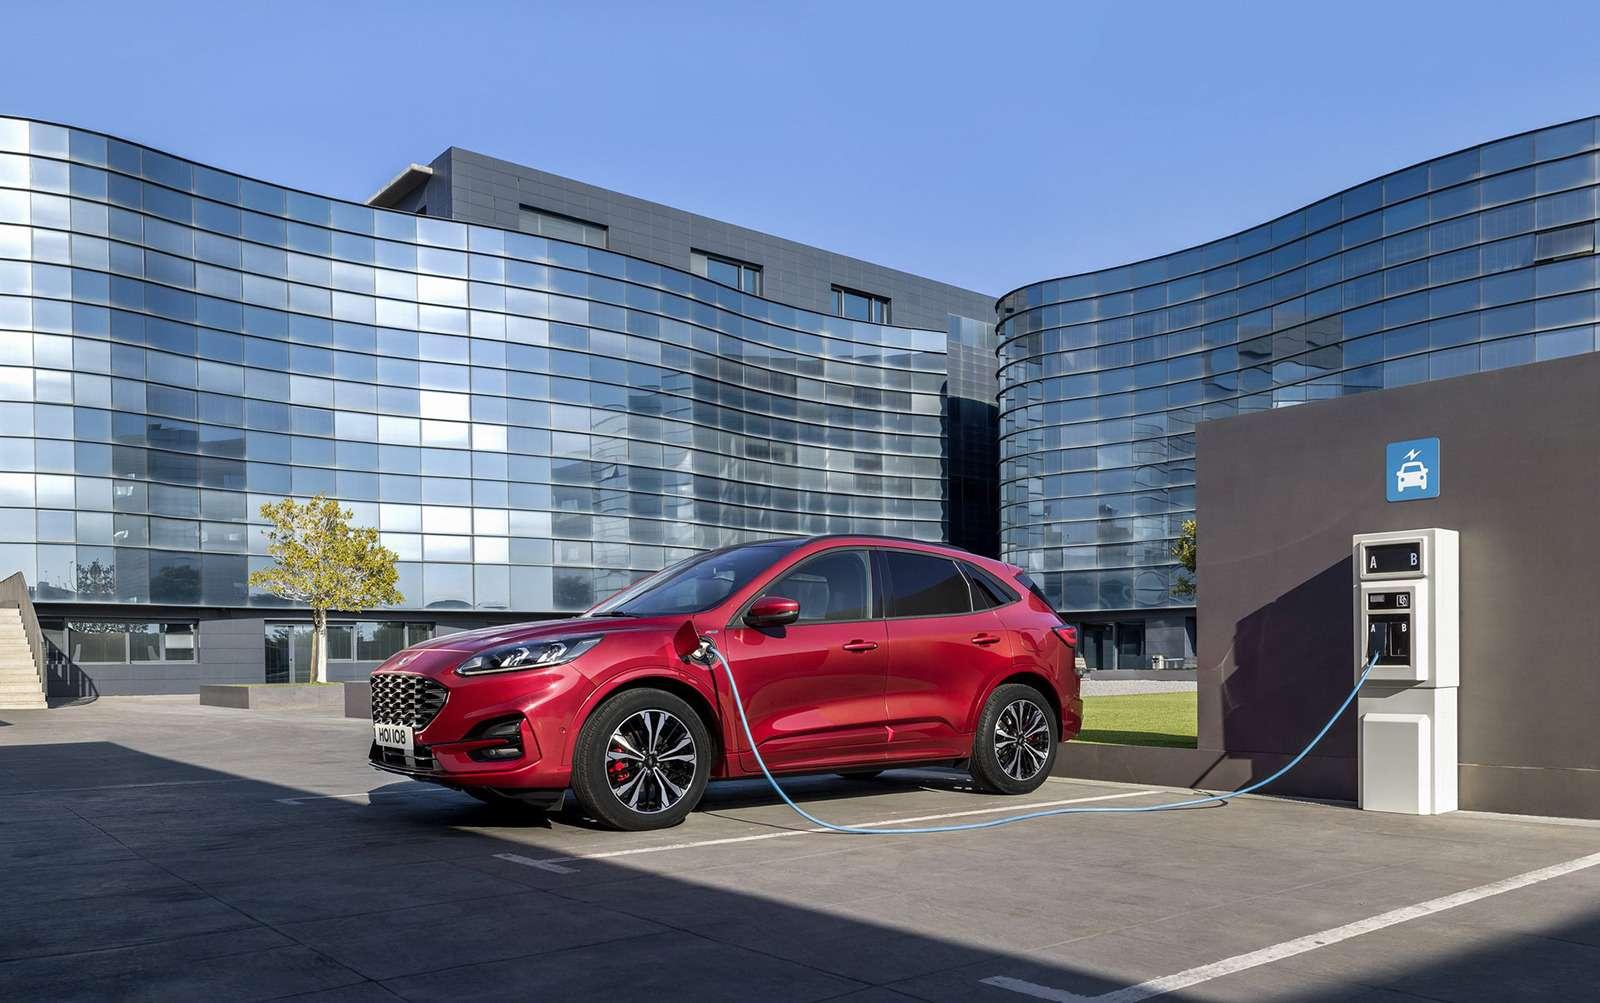 Ford показал новую Kuga. Красивая, мощная, экономичная. Недлянас— фото 962791